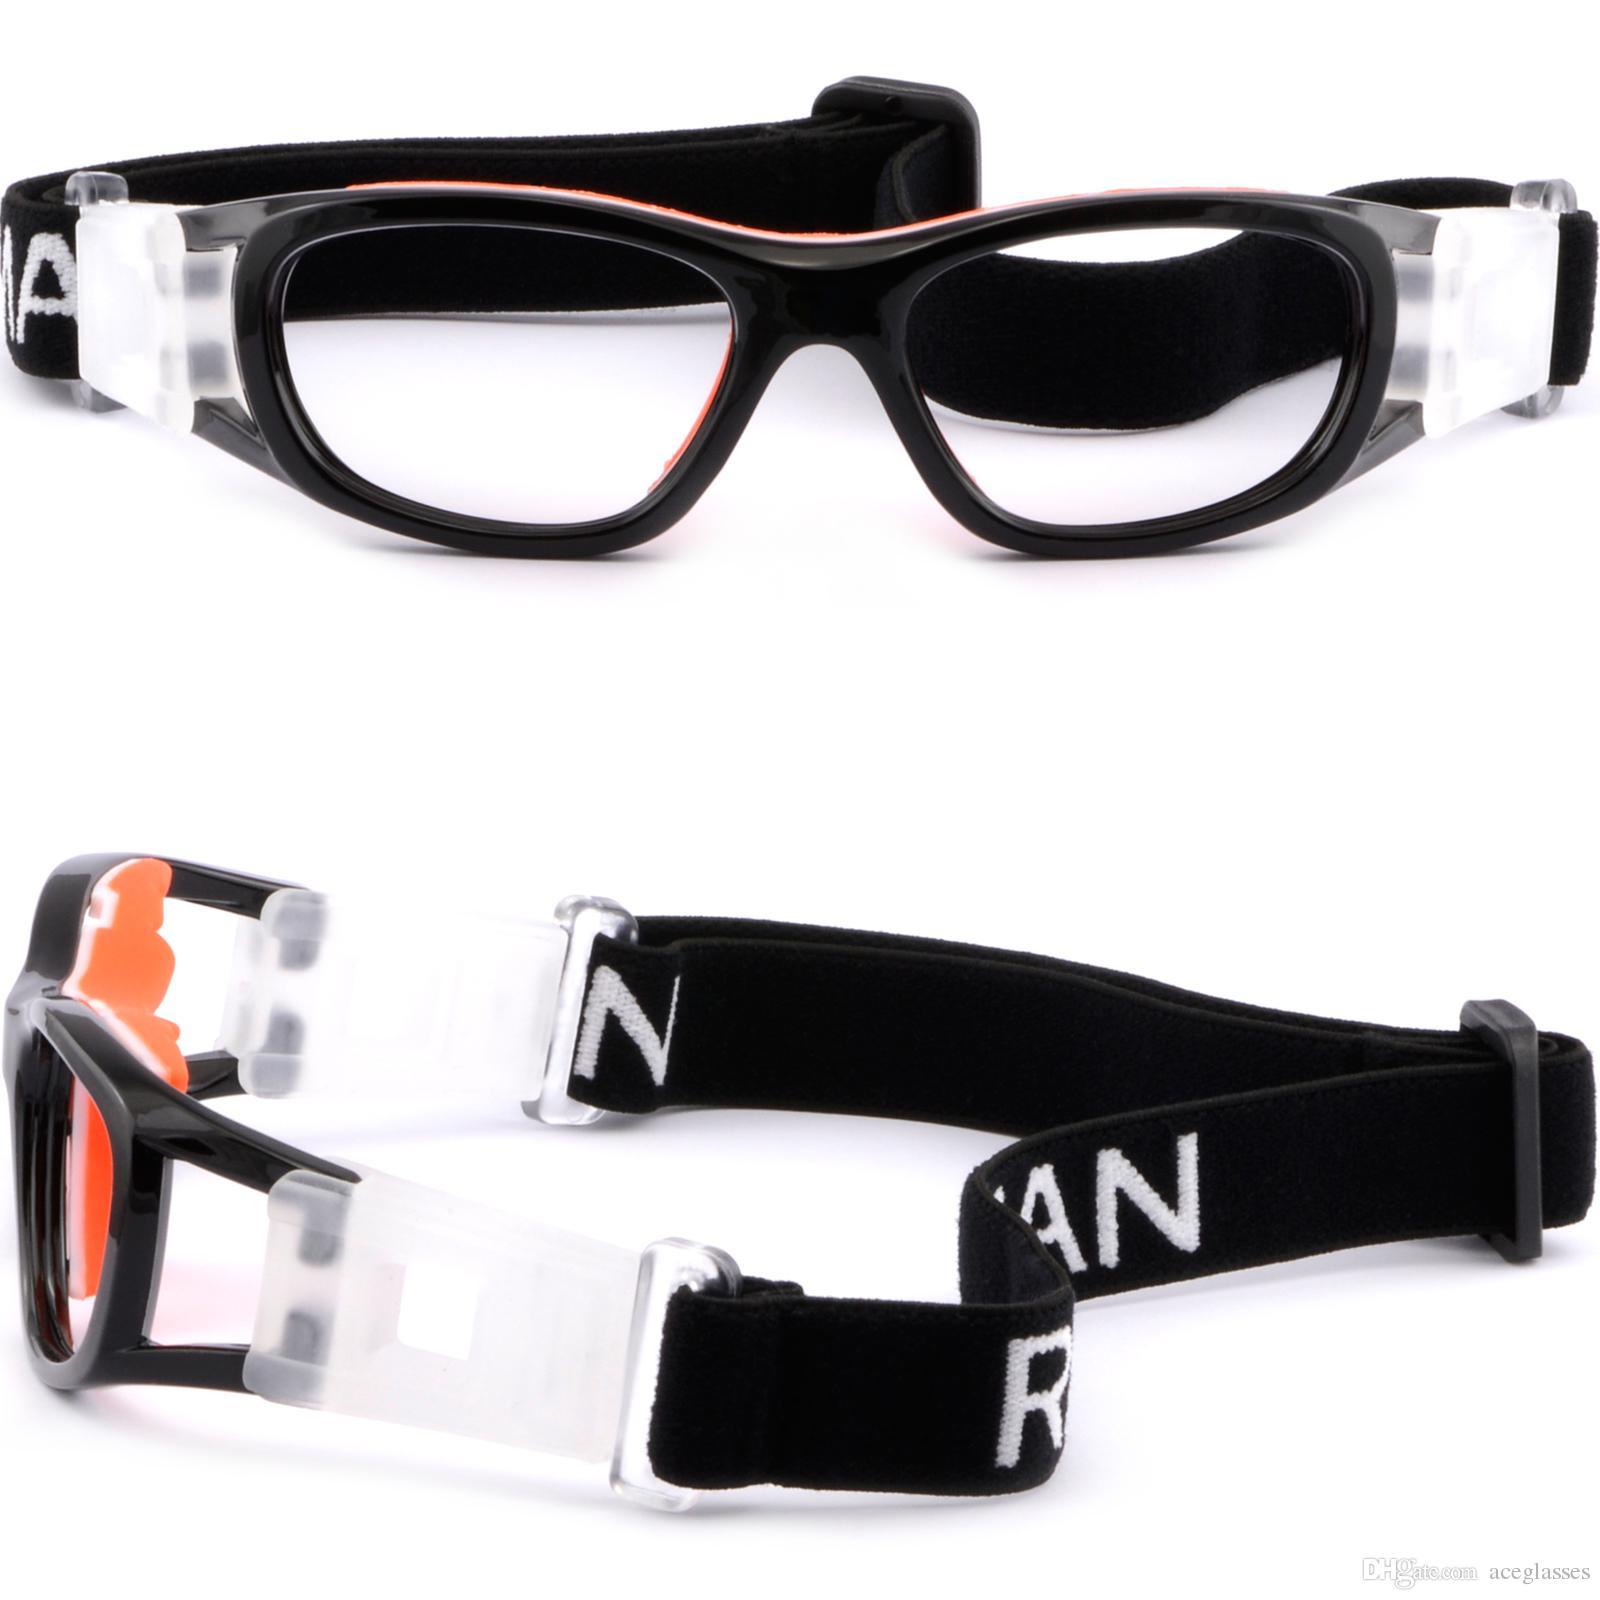 182661a56d Compre Gafas De Protección Deportiva Para Niños Gafas Graduadas Envolver  Alrededor De Las Correas Negro A $36.5 Del Aceglasses | DHgate.Com